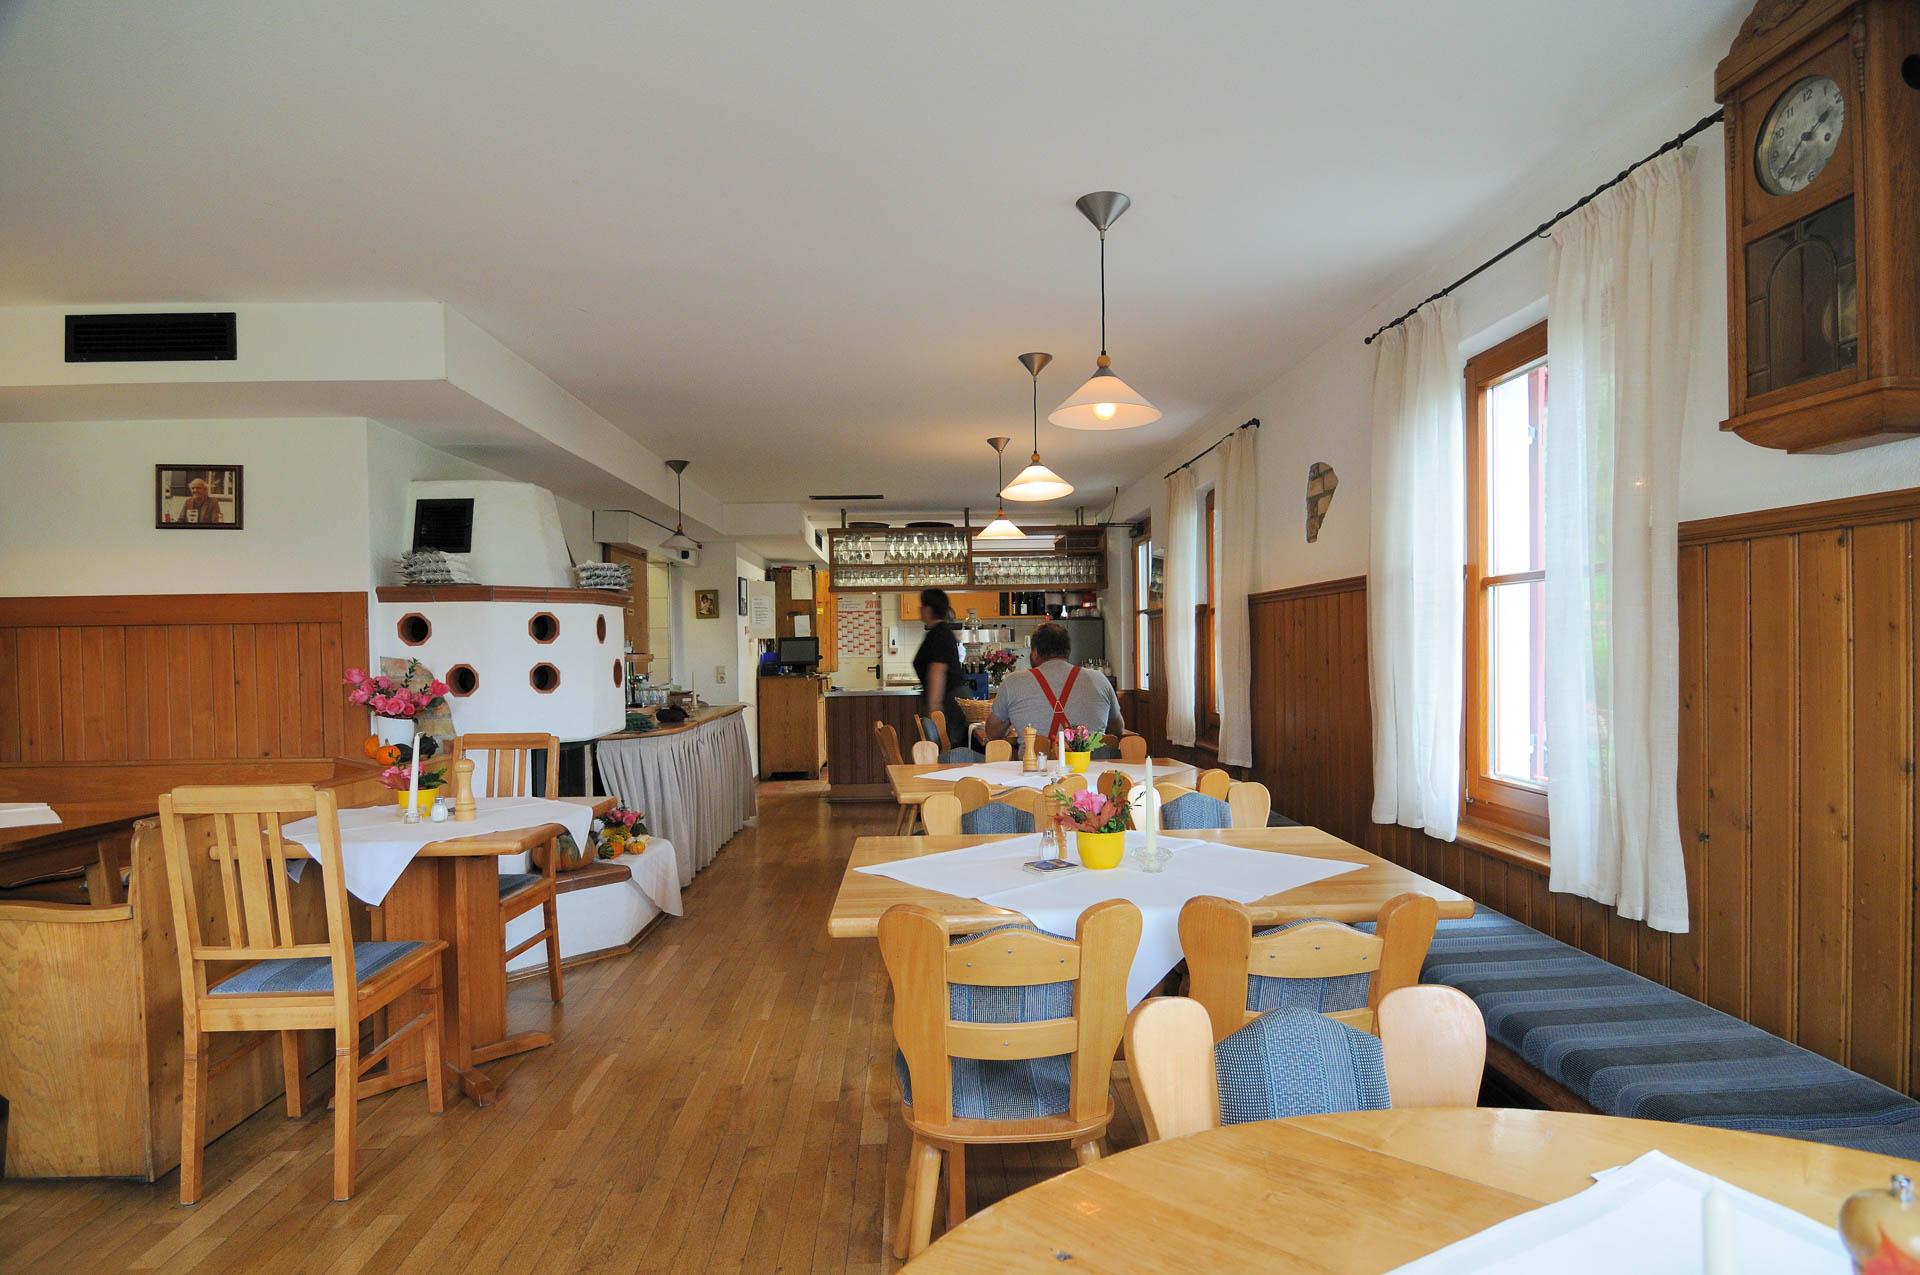 Der Kachelofen im Restaurant des Gasthaus Seerose in Nitzenweiler bei Kressbronn am Bodensee